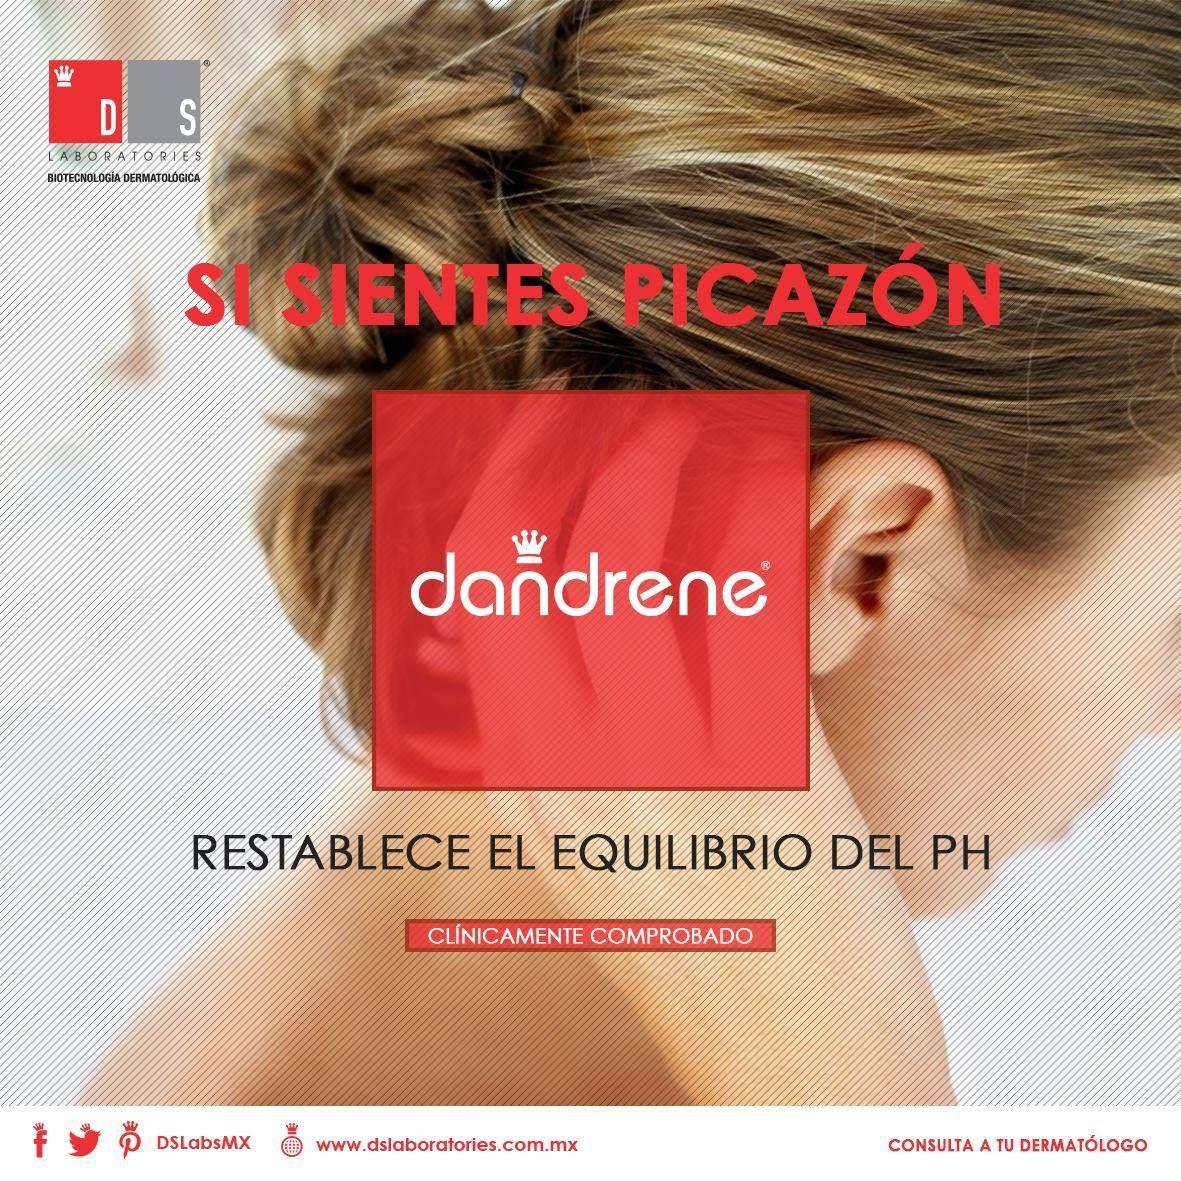 Uno de los principales indicadores de #caspa es la sensación de picazón en la piel cabelluda. Restablece el equilibrio del pH y logra eliminarla de manera efectiva con #Dandrene.